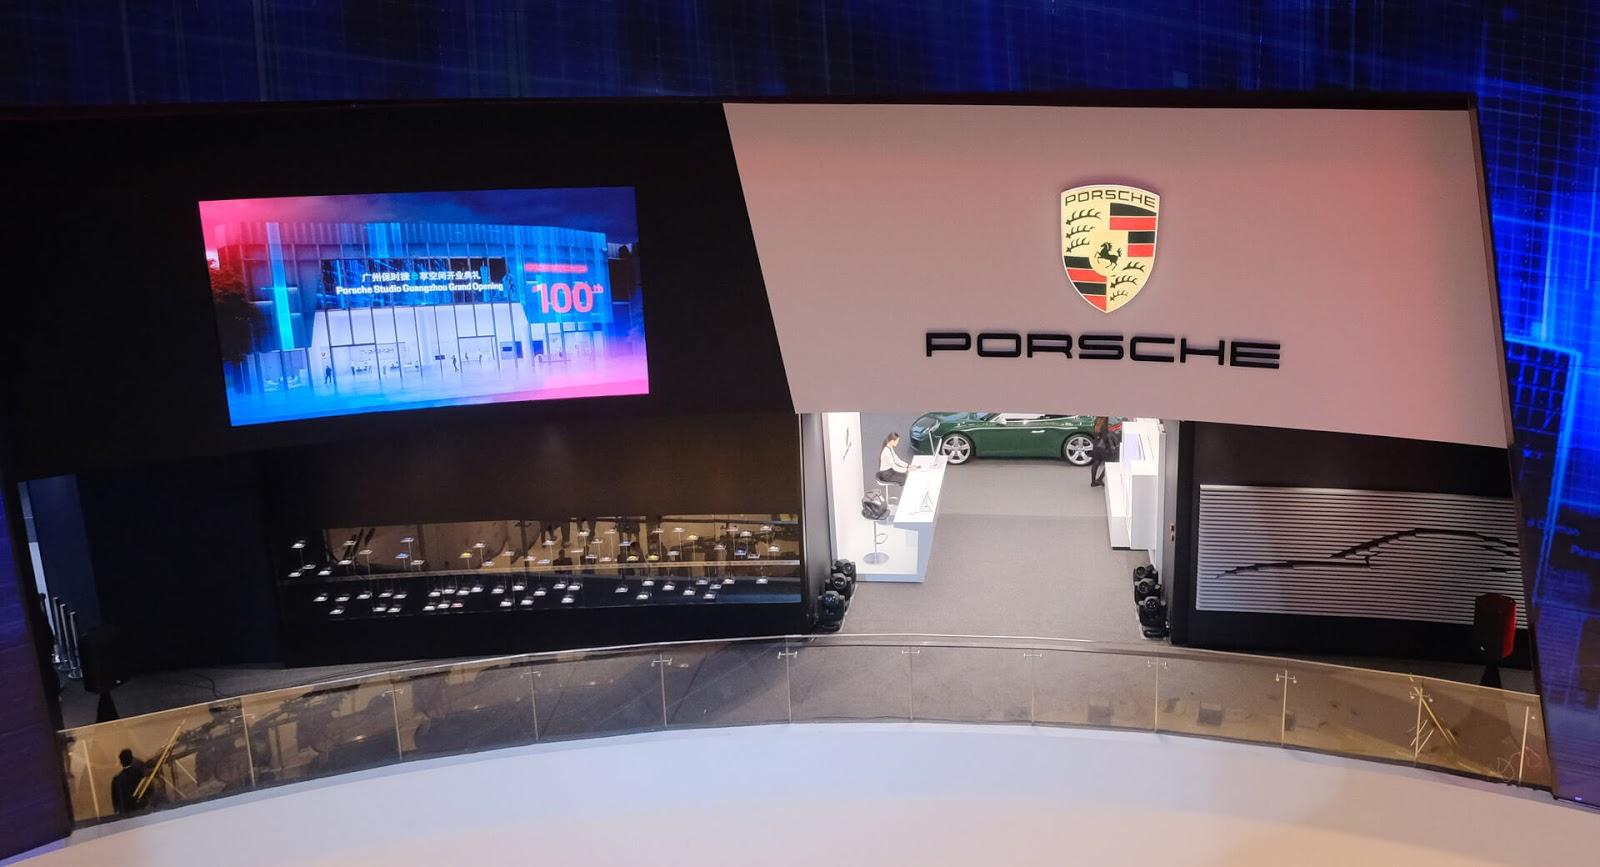 У Porsche появился 100-й дилерский центр в Китае